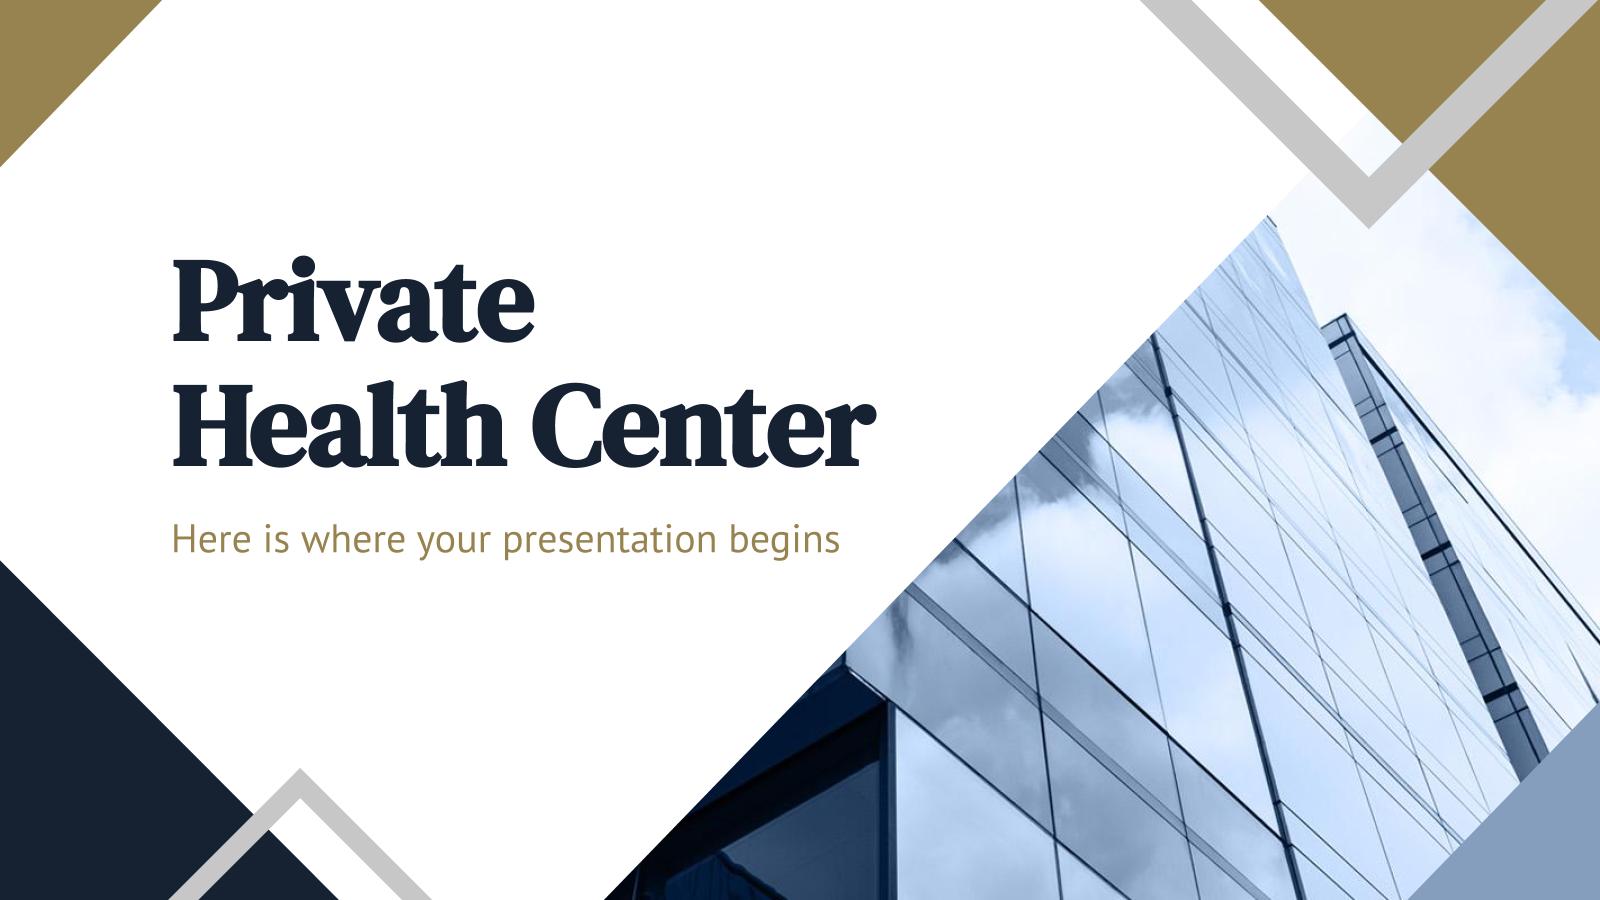 Plantilla de presentación Centro de salud privado